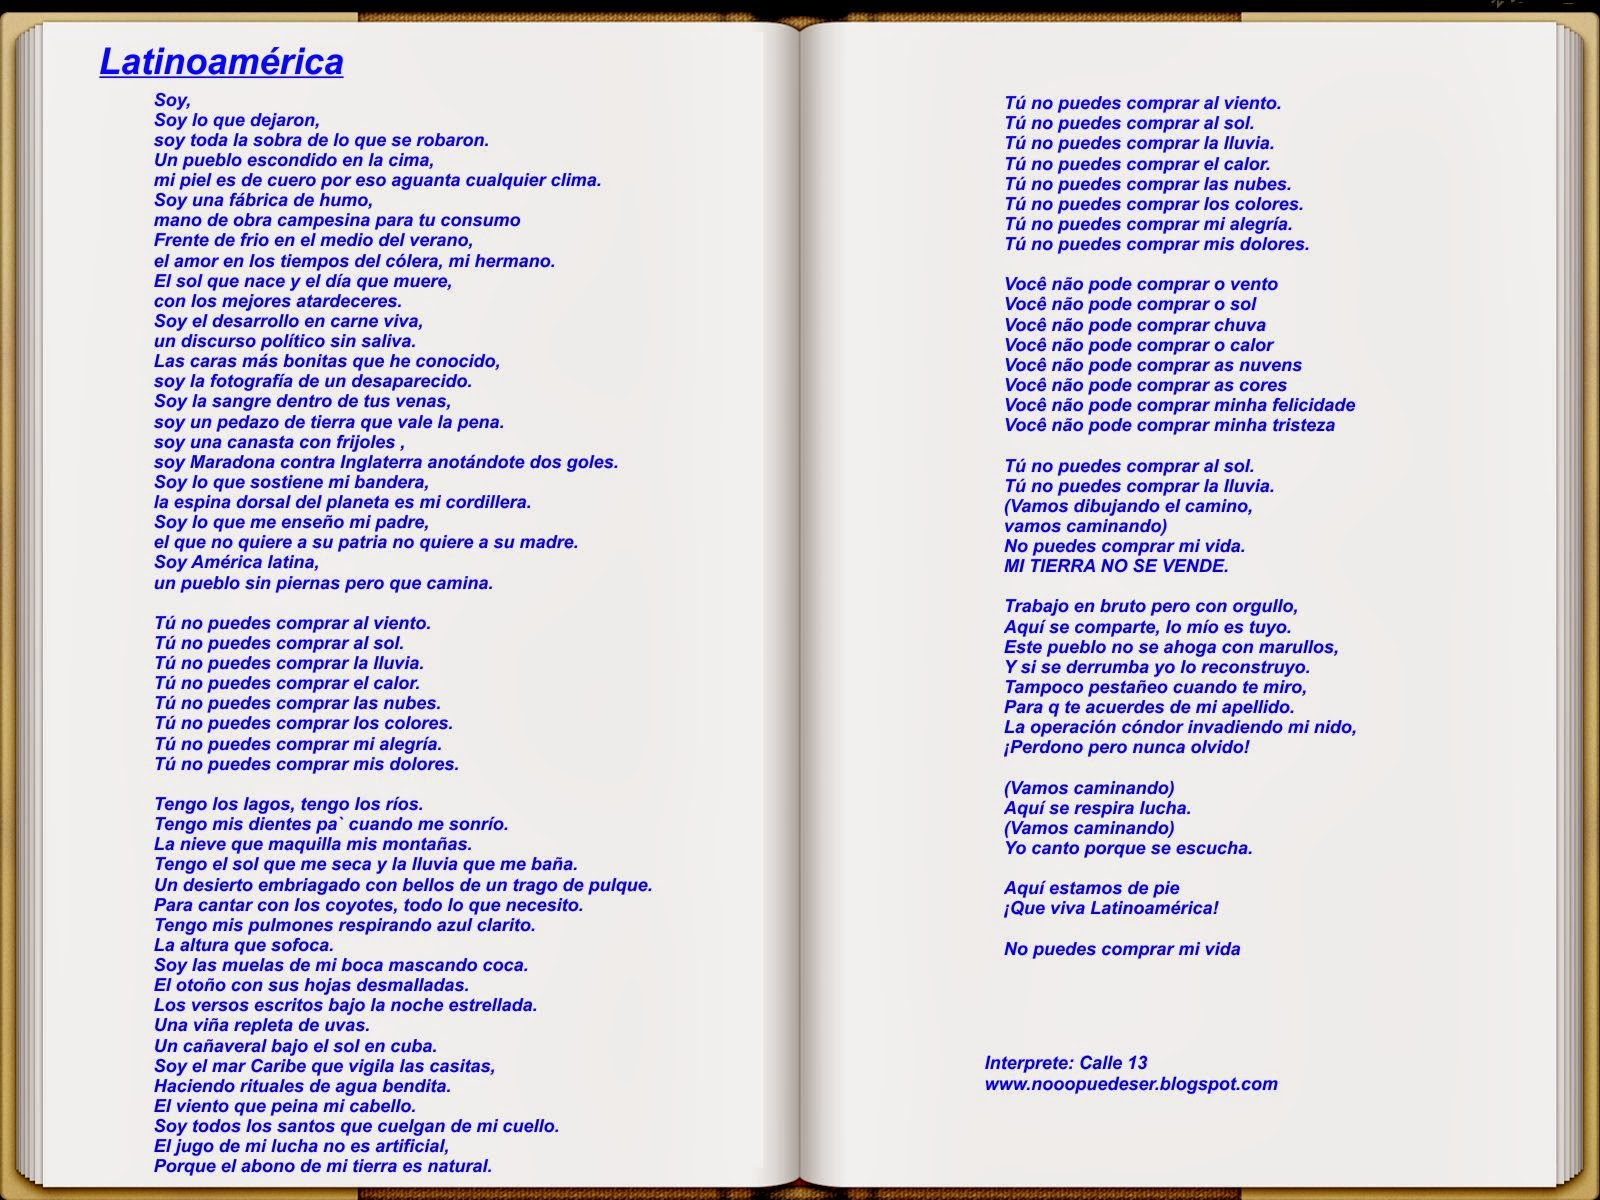 letra de canciones de la calle 13: